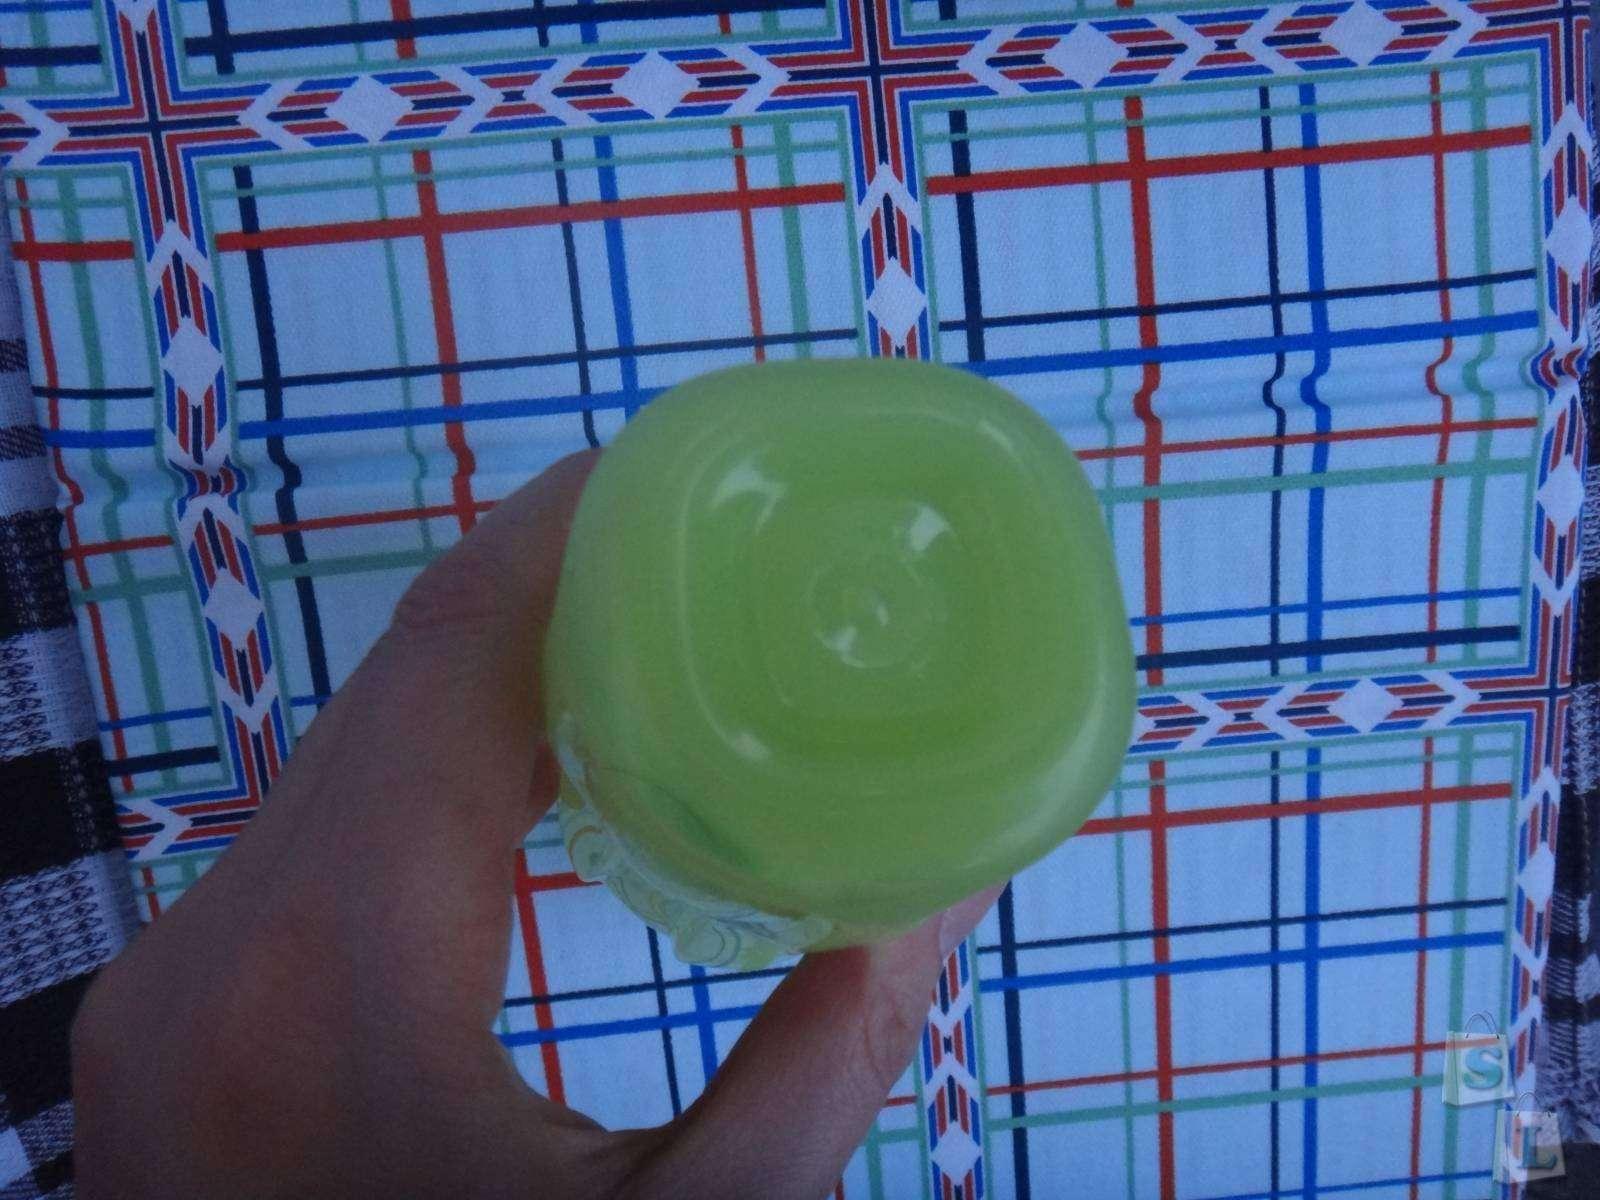 Другие - Украина: Обзор-отзыв о мини бутылочке из Эко пластика фирмы Tupperware емкостью 310мл